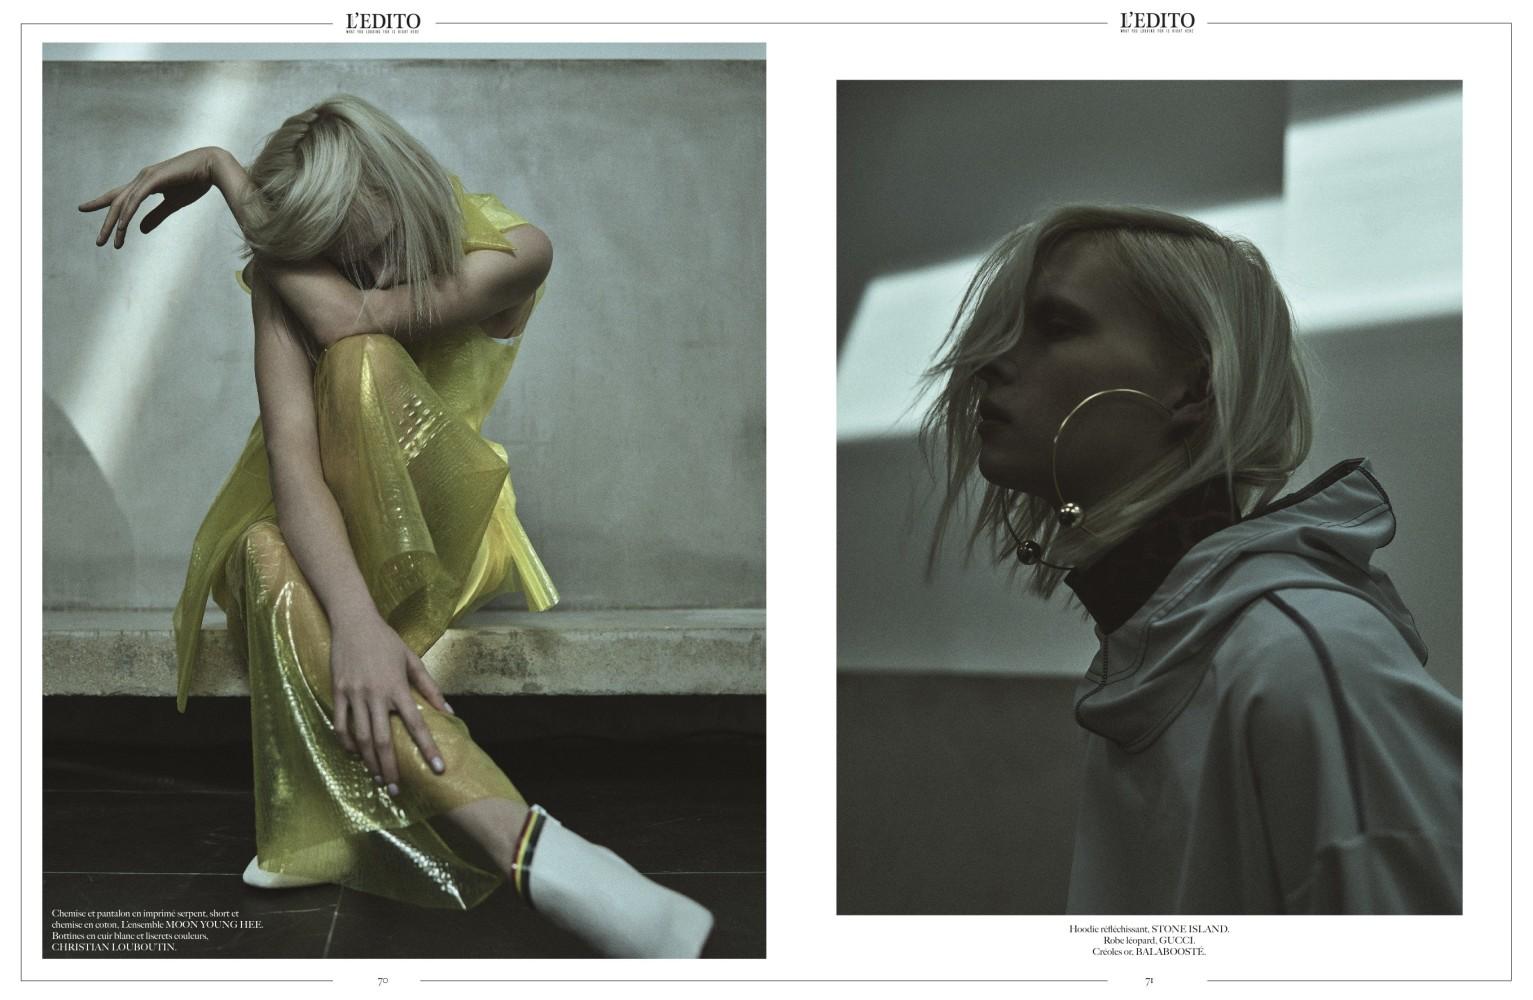 Alyona Subbotina for L'EDITO Magazine Paris